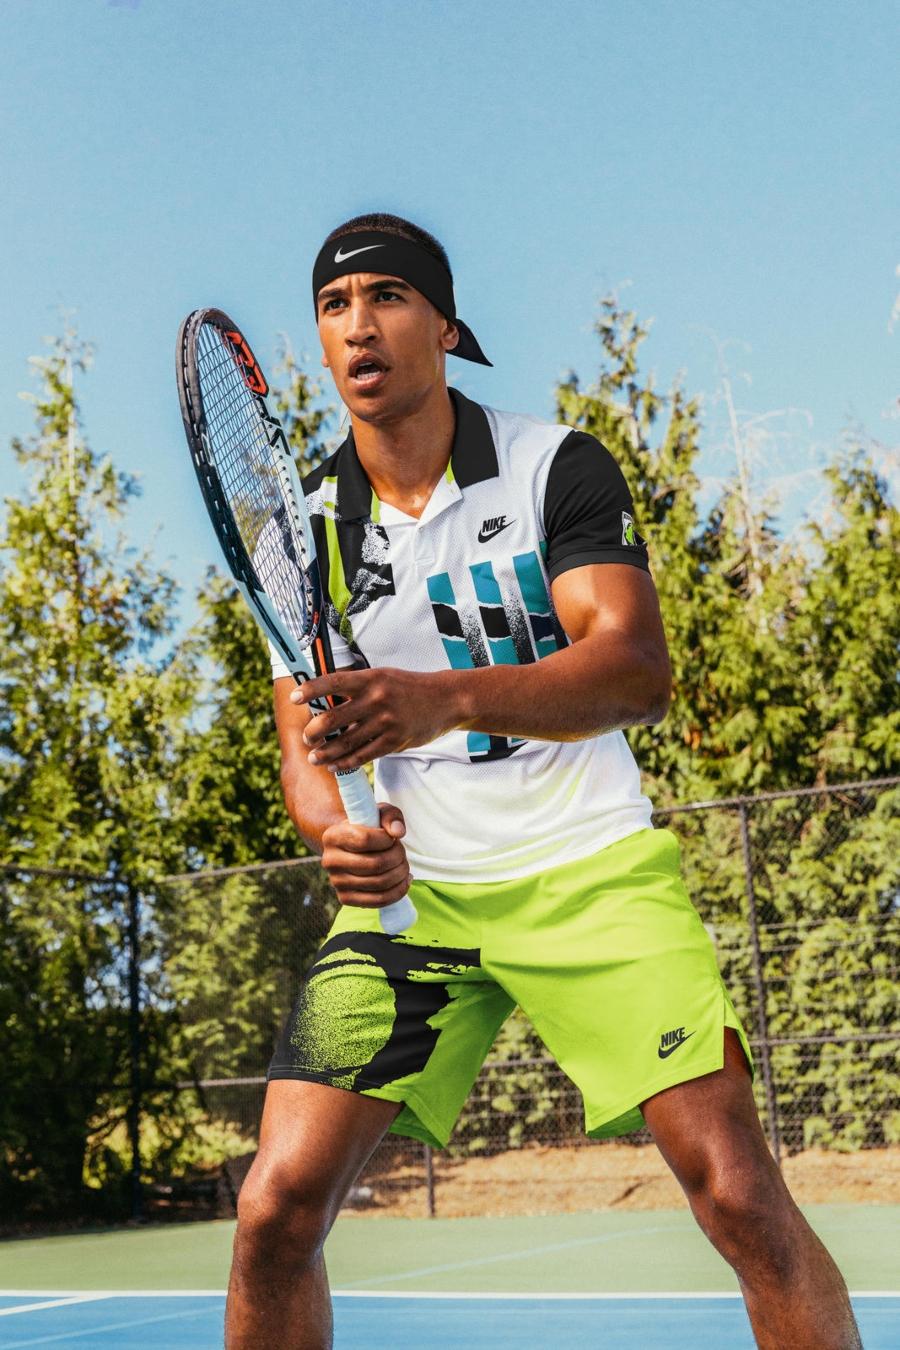 Juego deportivo de la nueva colección Challenge Court de Nike